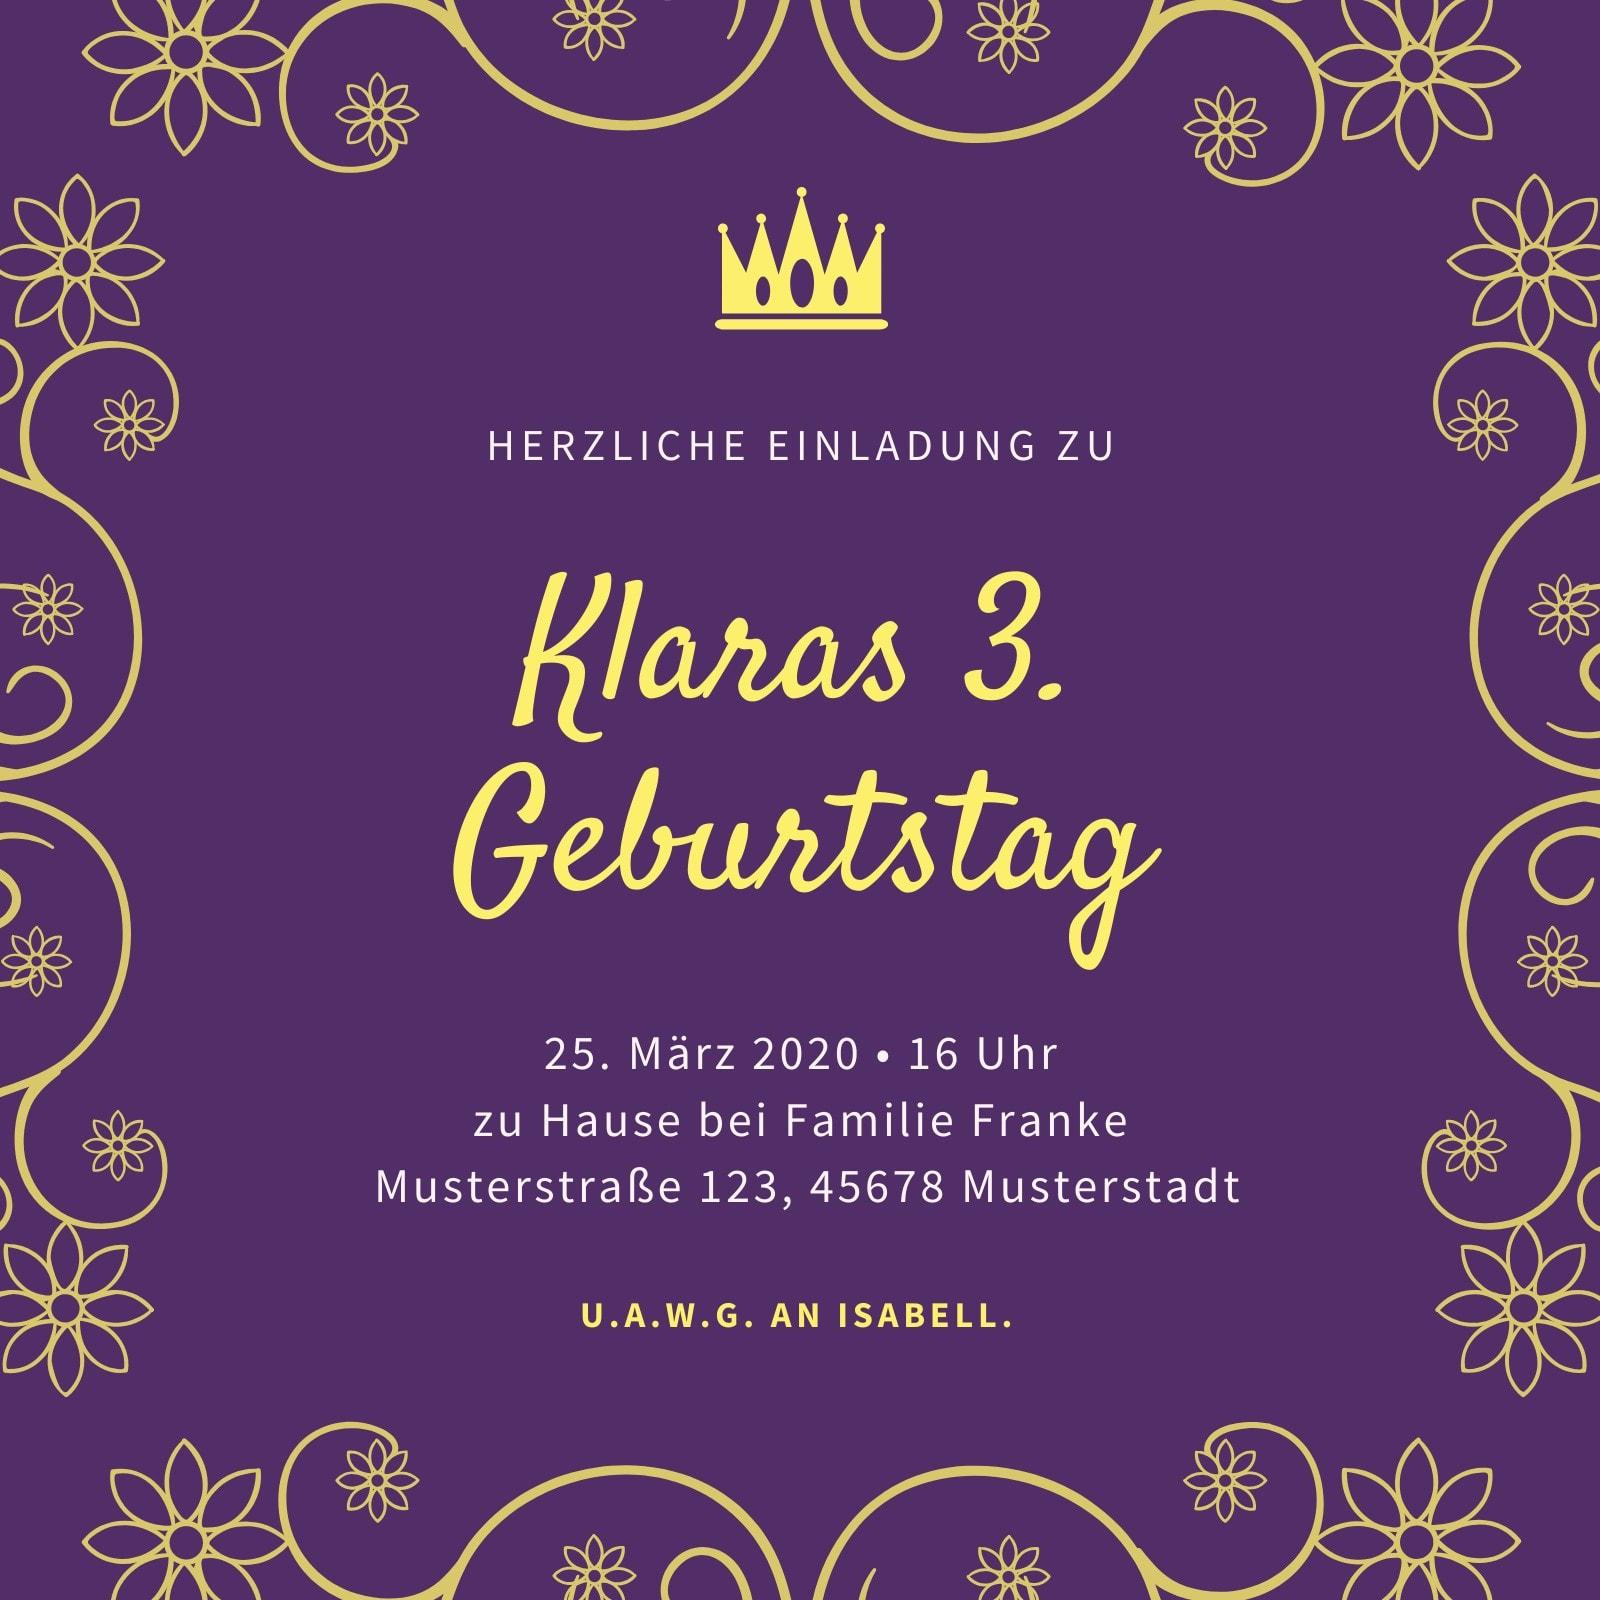 Violett Rosa Blume Kringel Prinzessin Einladung